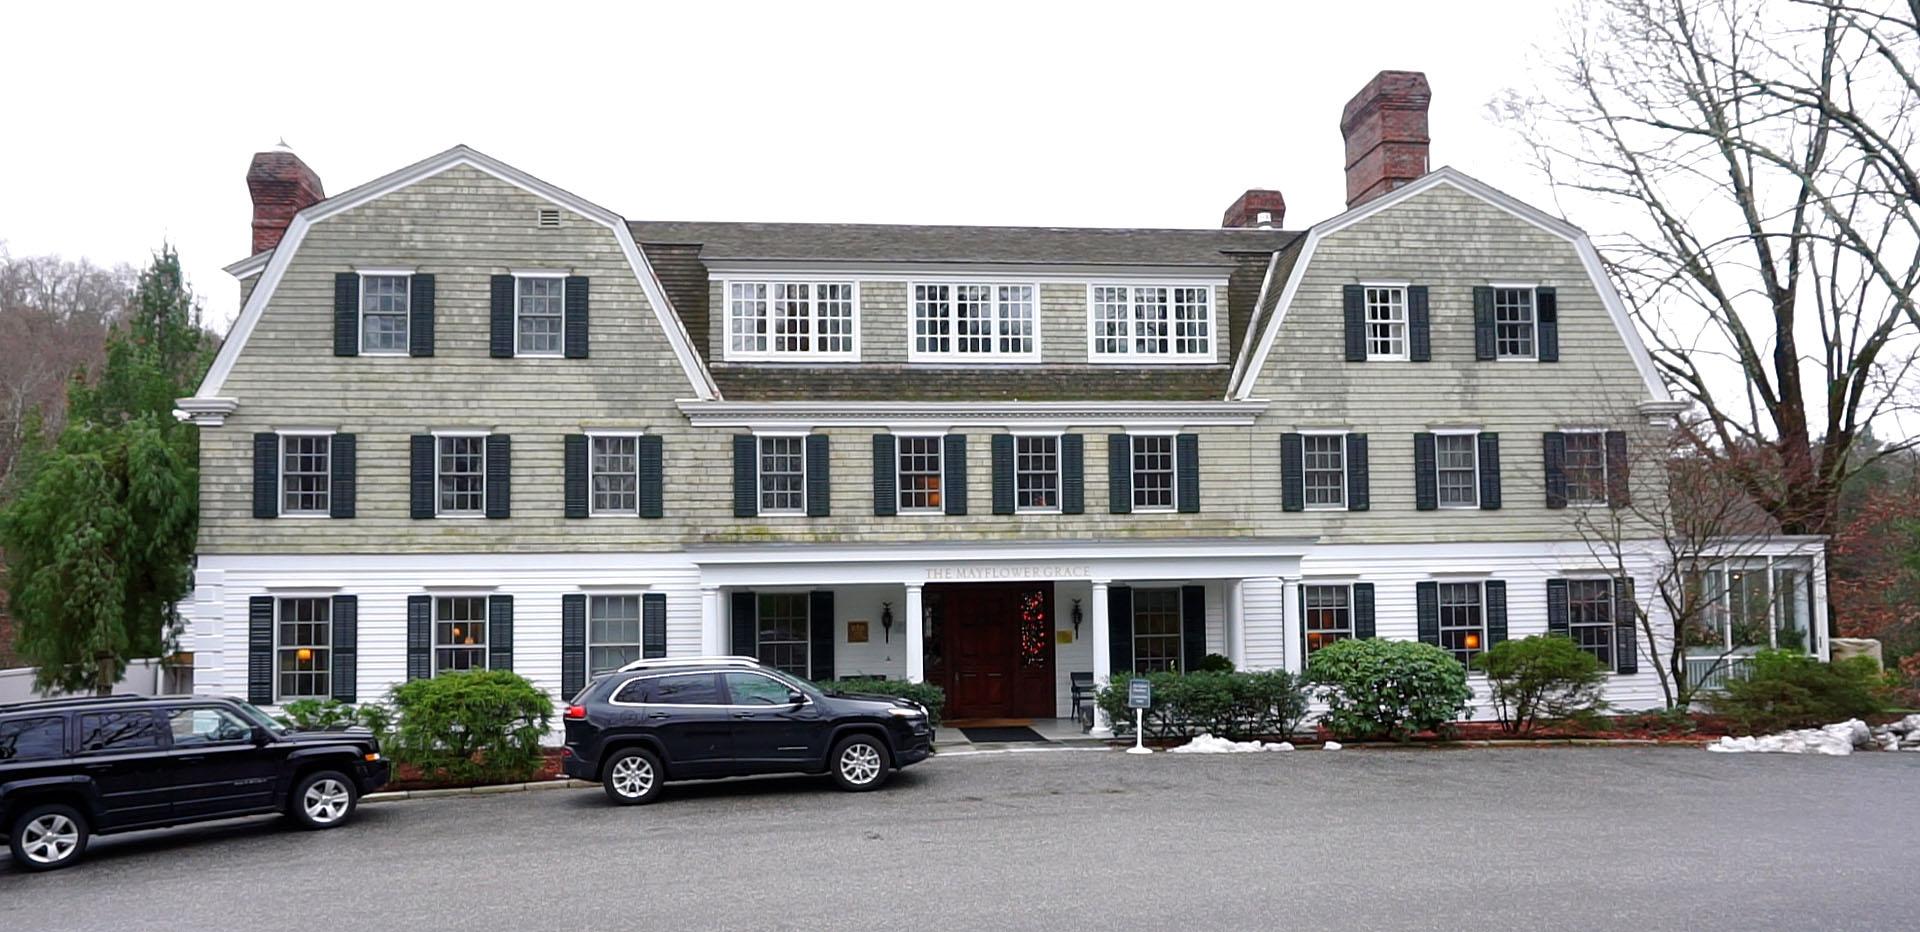 Mayflower Inn Washington Ct